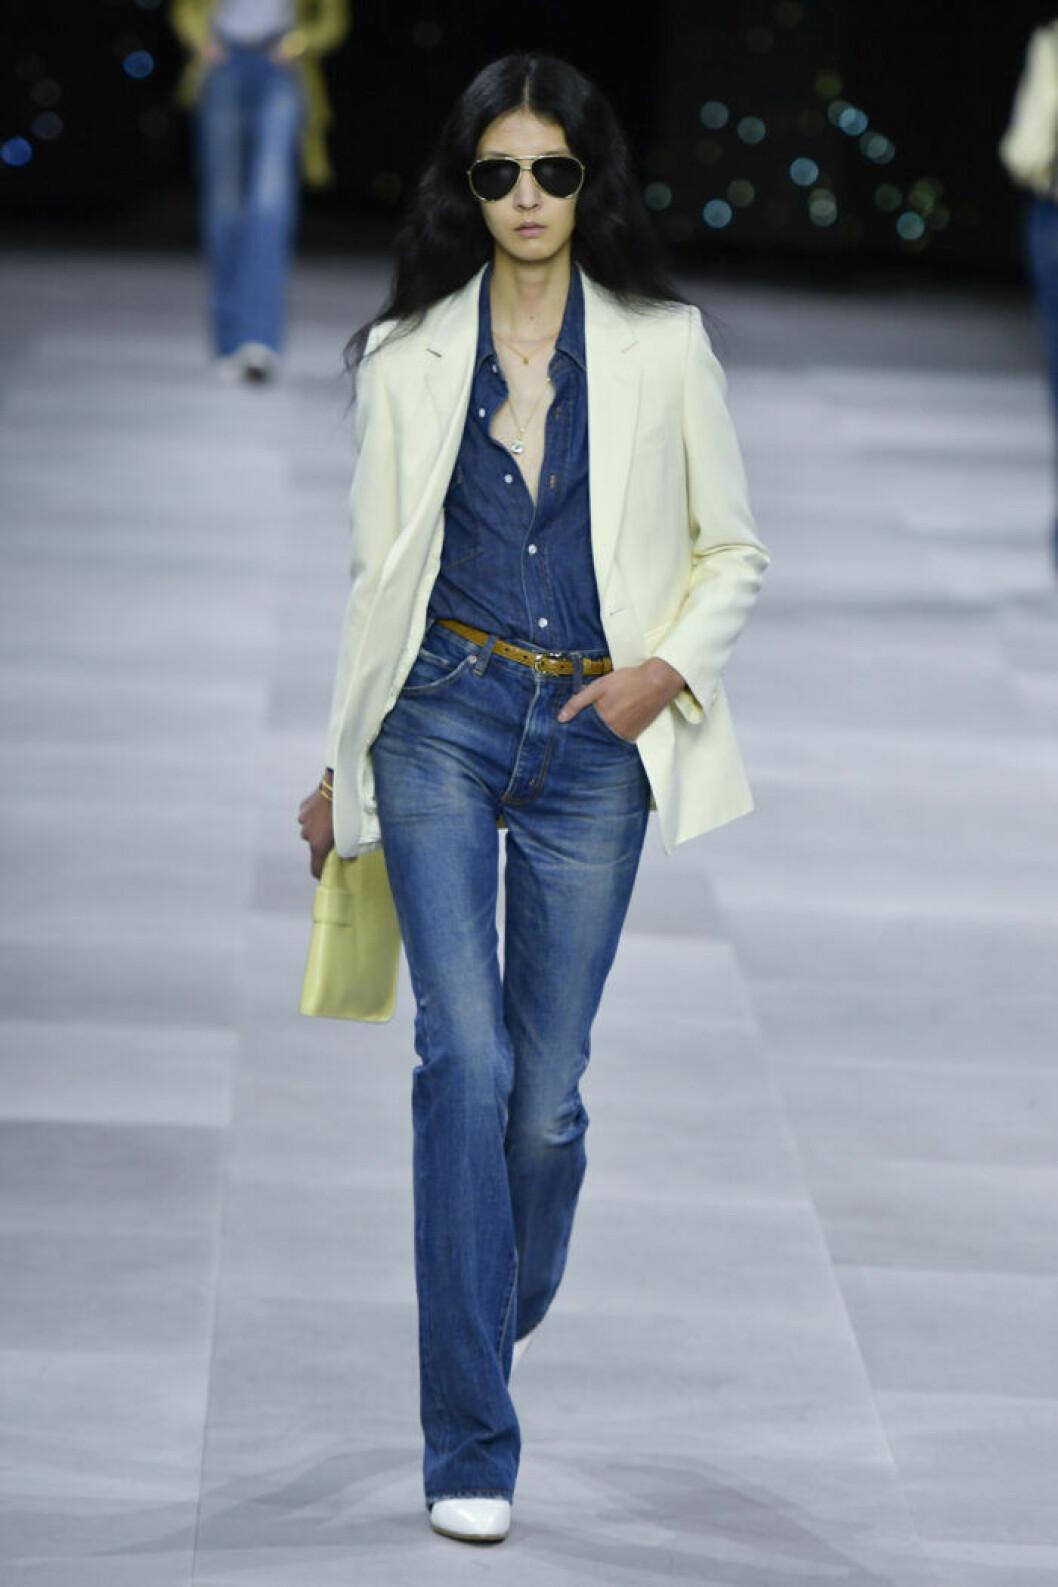 Trender våren 2020 DenimCeline Modell bär blå jeans och skräddad kavaj